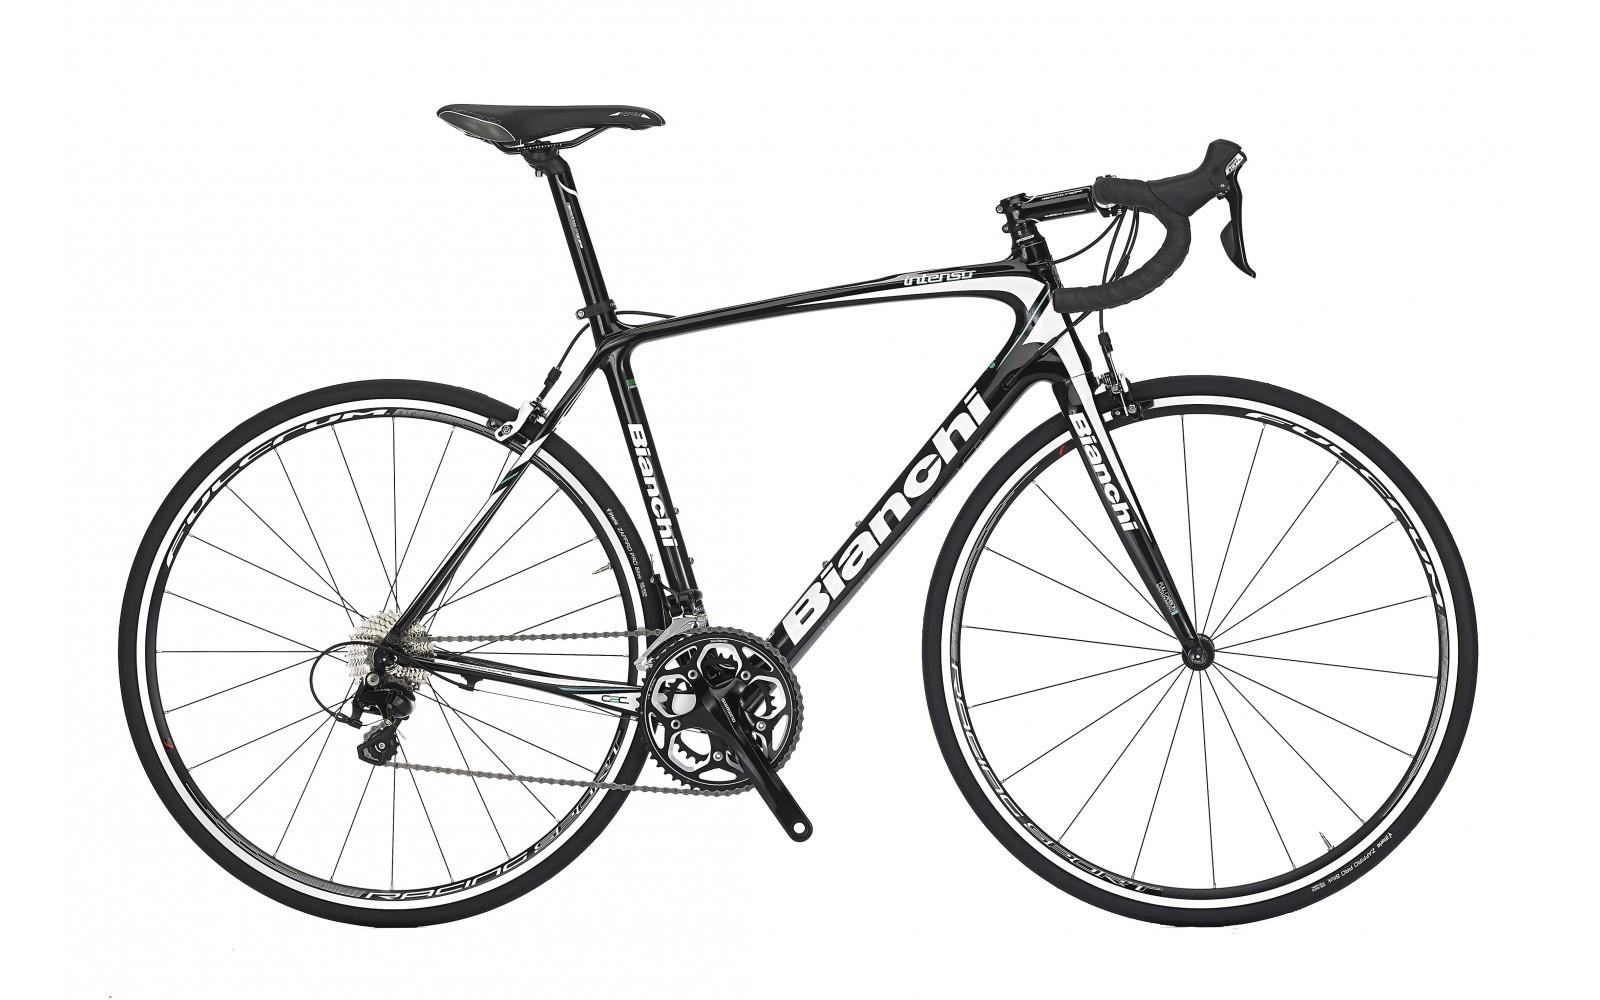 Pièces détachées de vélo : des astuces pour un achat malin